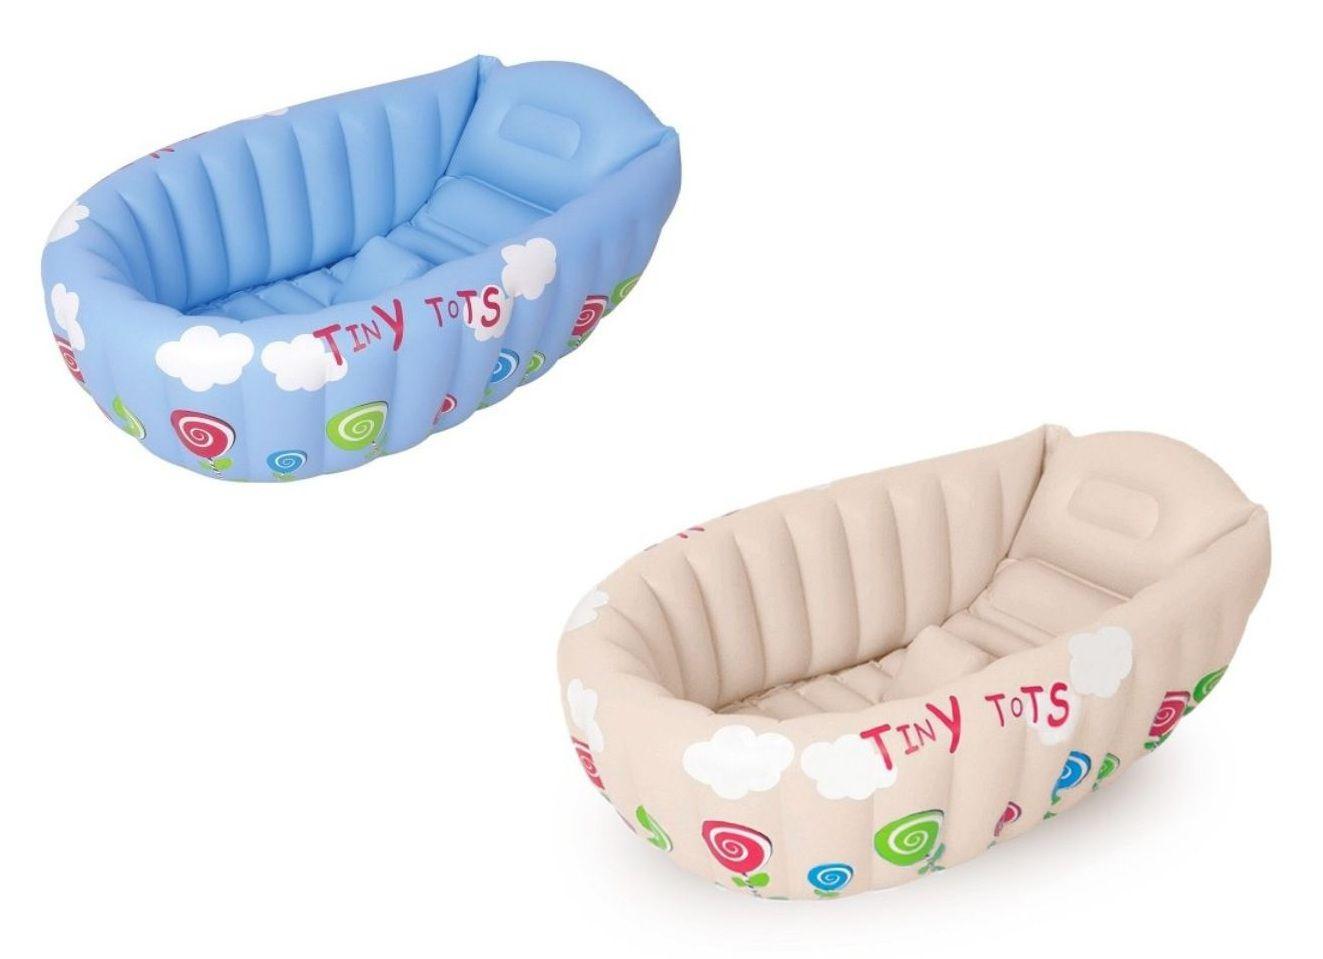 Banheira Inflável Bebê com Termômetro - MOR